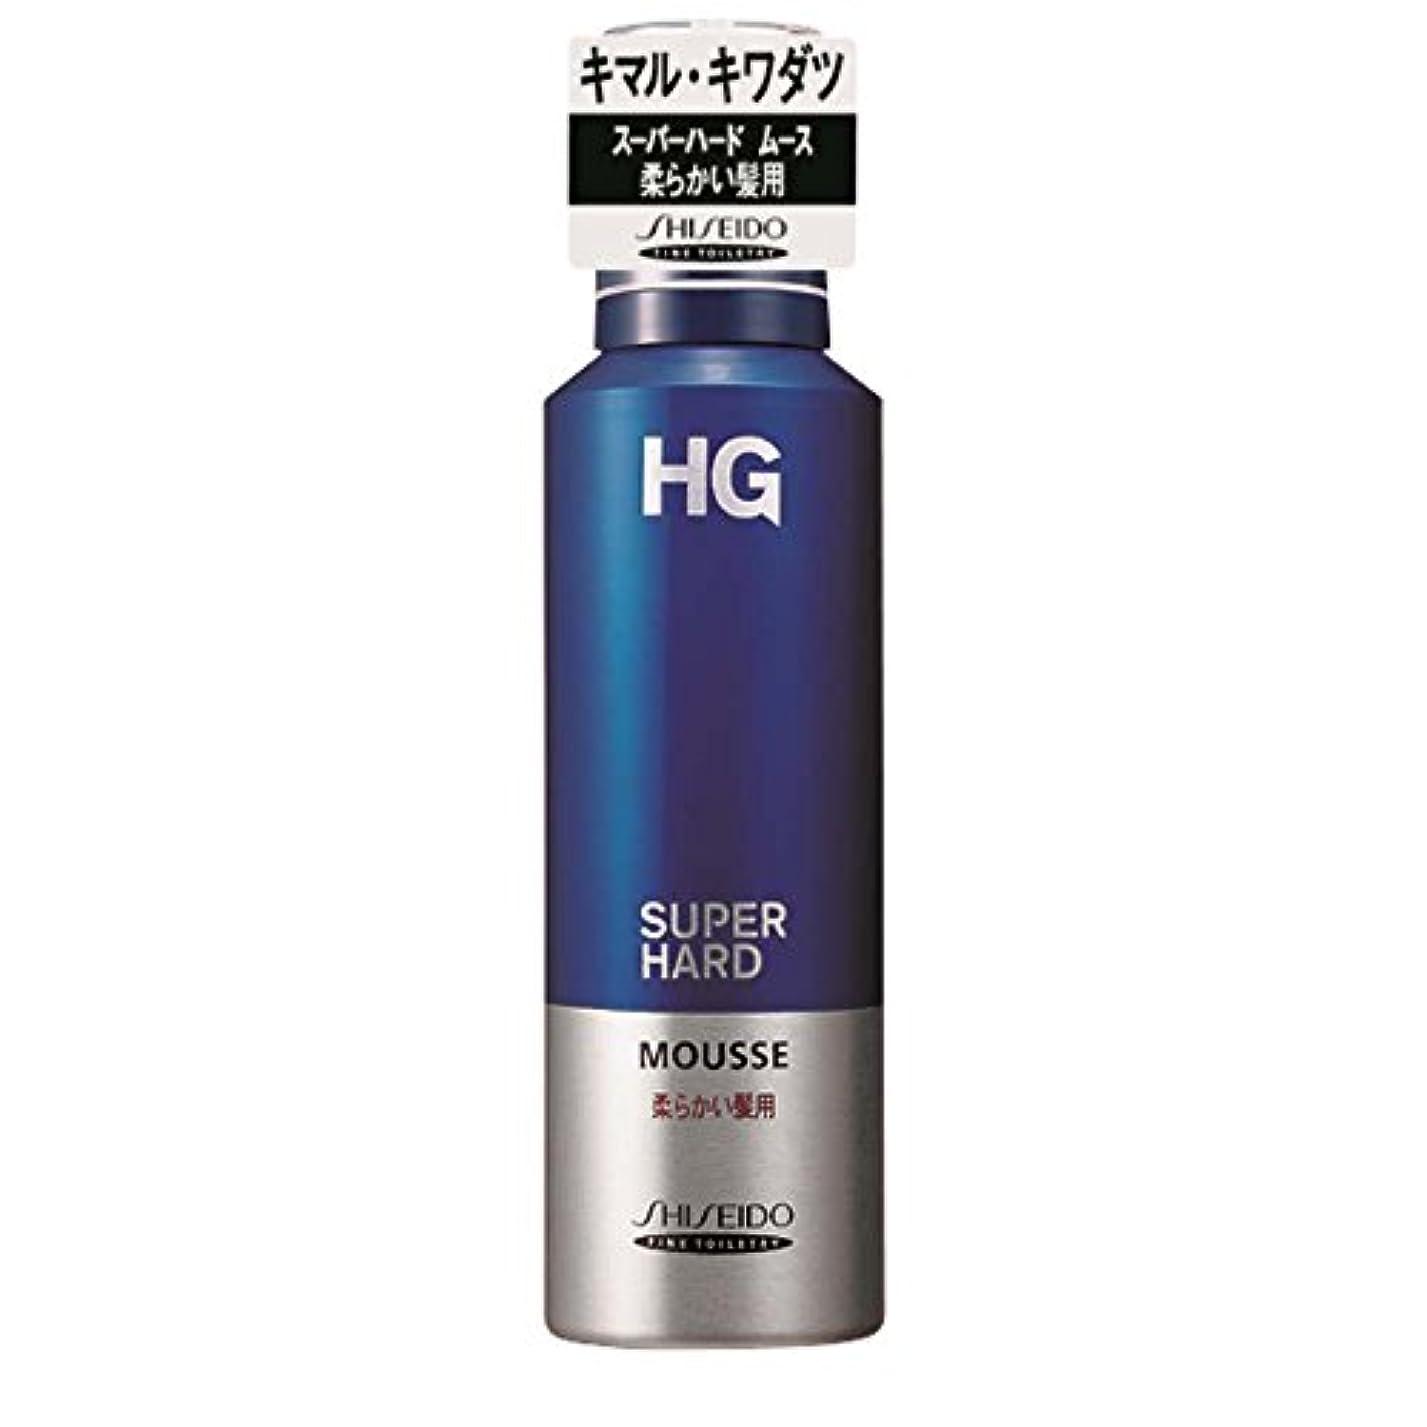 厚い創始者援助するHG スーパーハード ムース 柔かい髪 180g